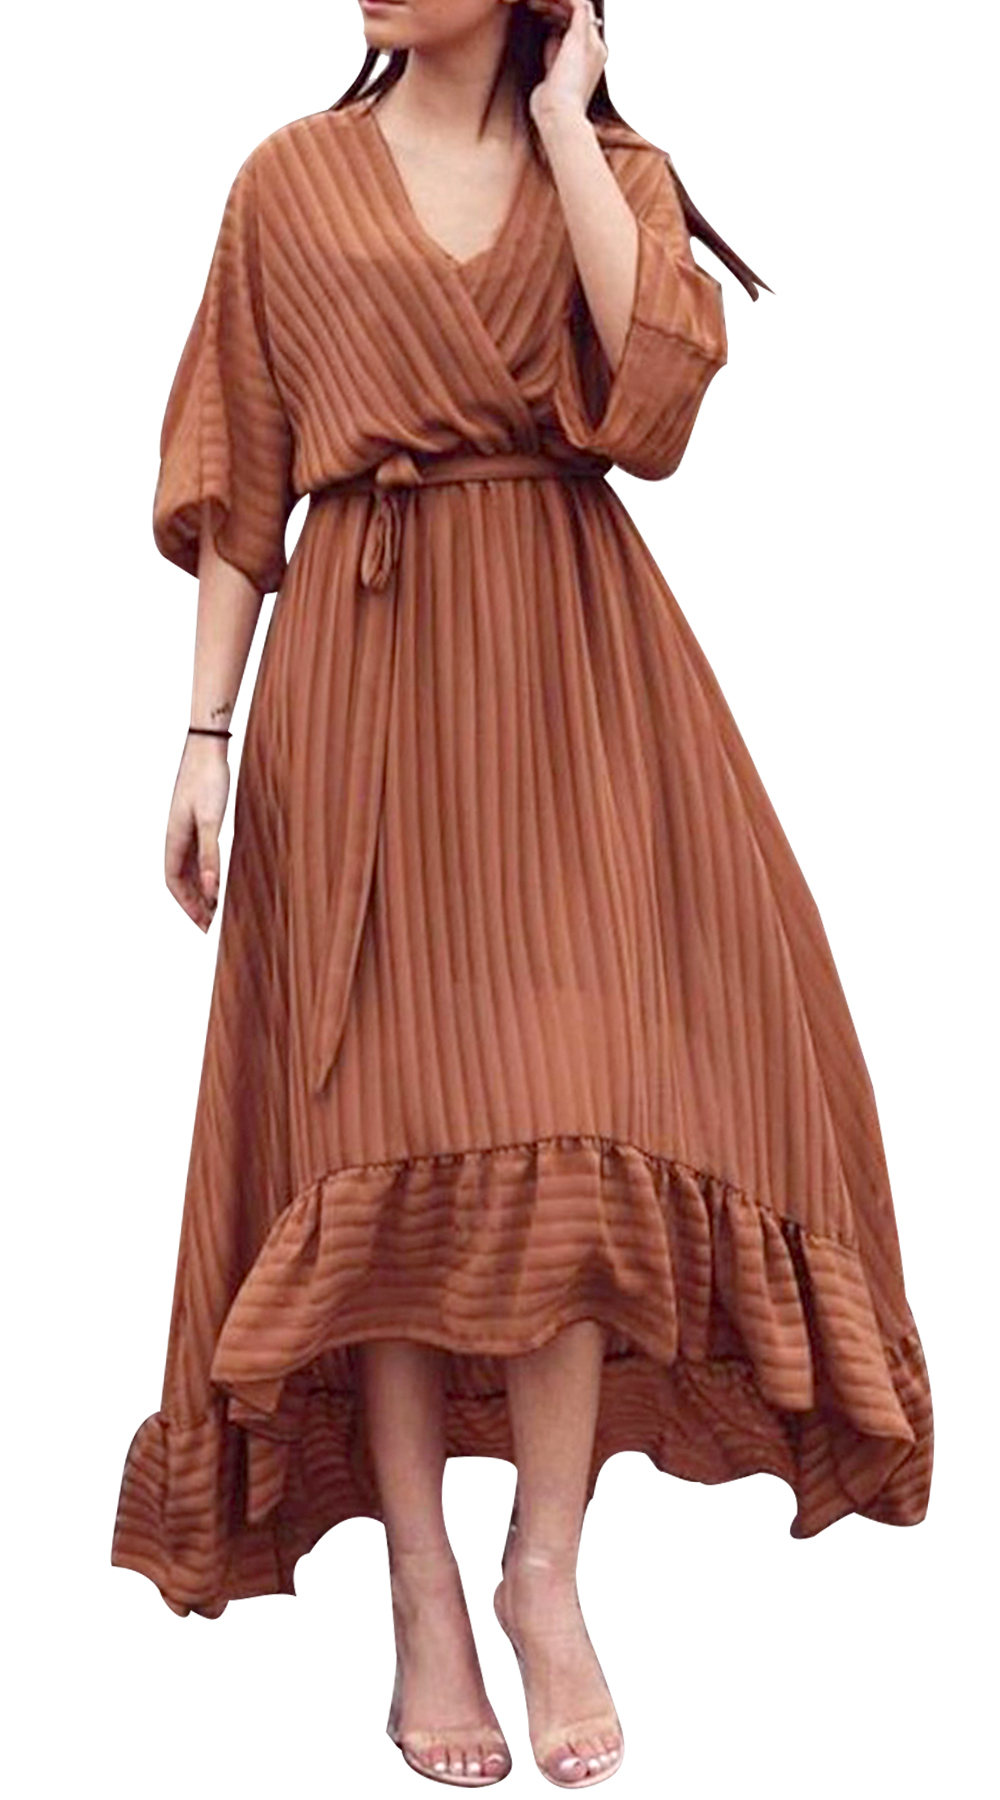 Σατινέ Ασύμμετρο Λούρεξ Κρουαζέ Φόρεμα με Ζώνη - MissReina - W18SOF-58974 φορέματα so girly